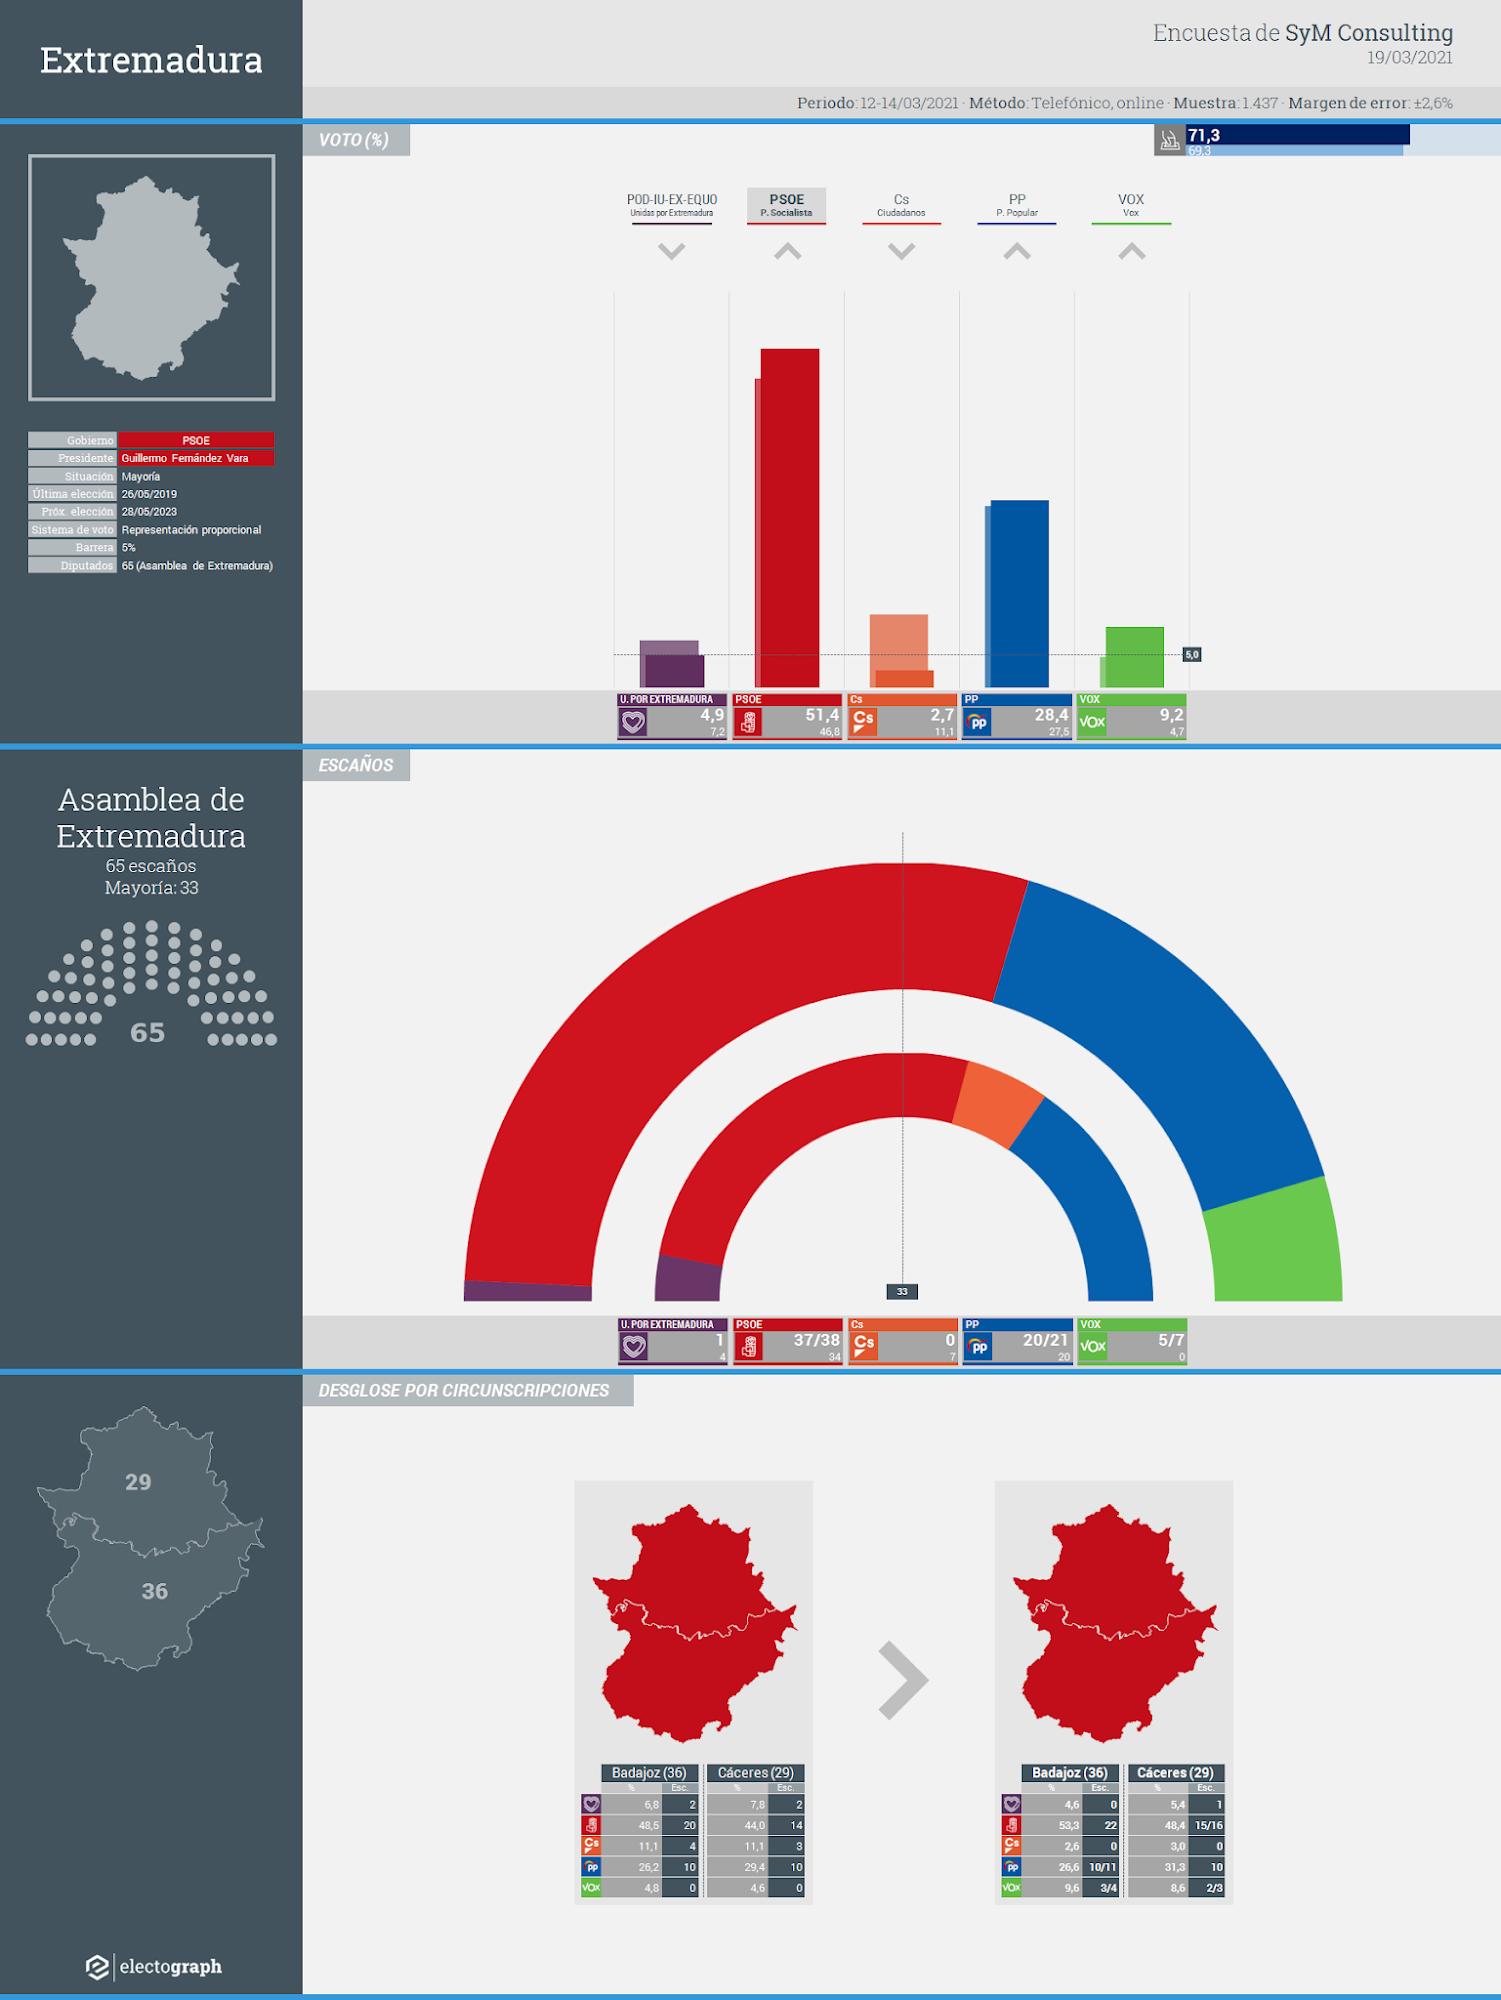 Gráfico de la encuesta para elecciones autonómicas en Extremadura realizada por SyM Consulting, 19 de marzo de 2021